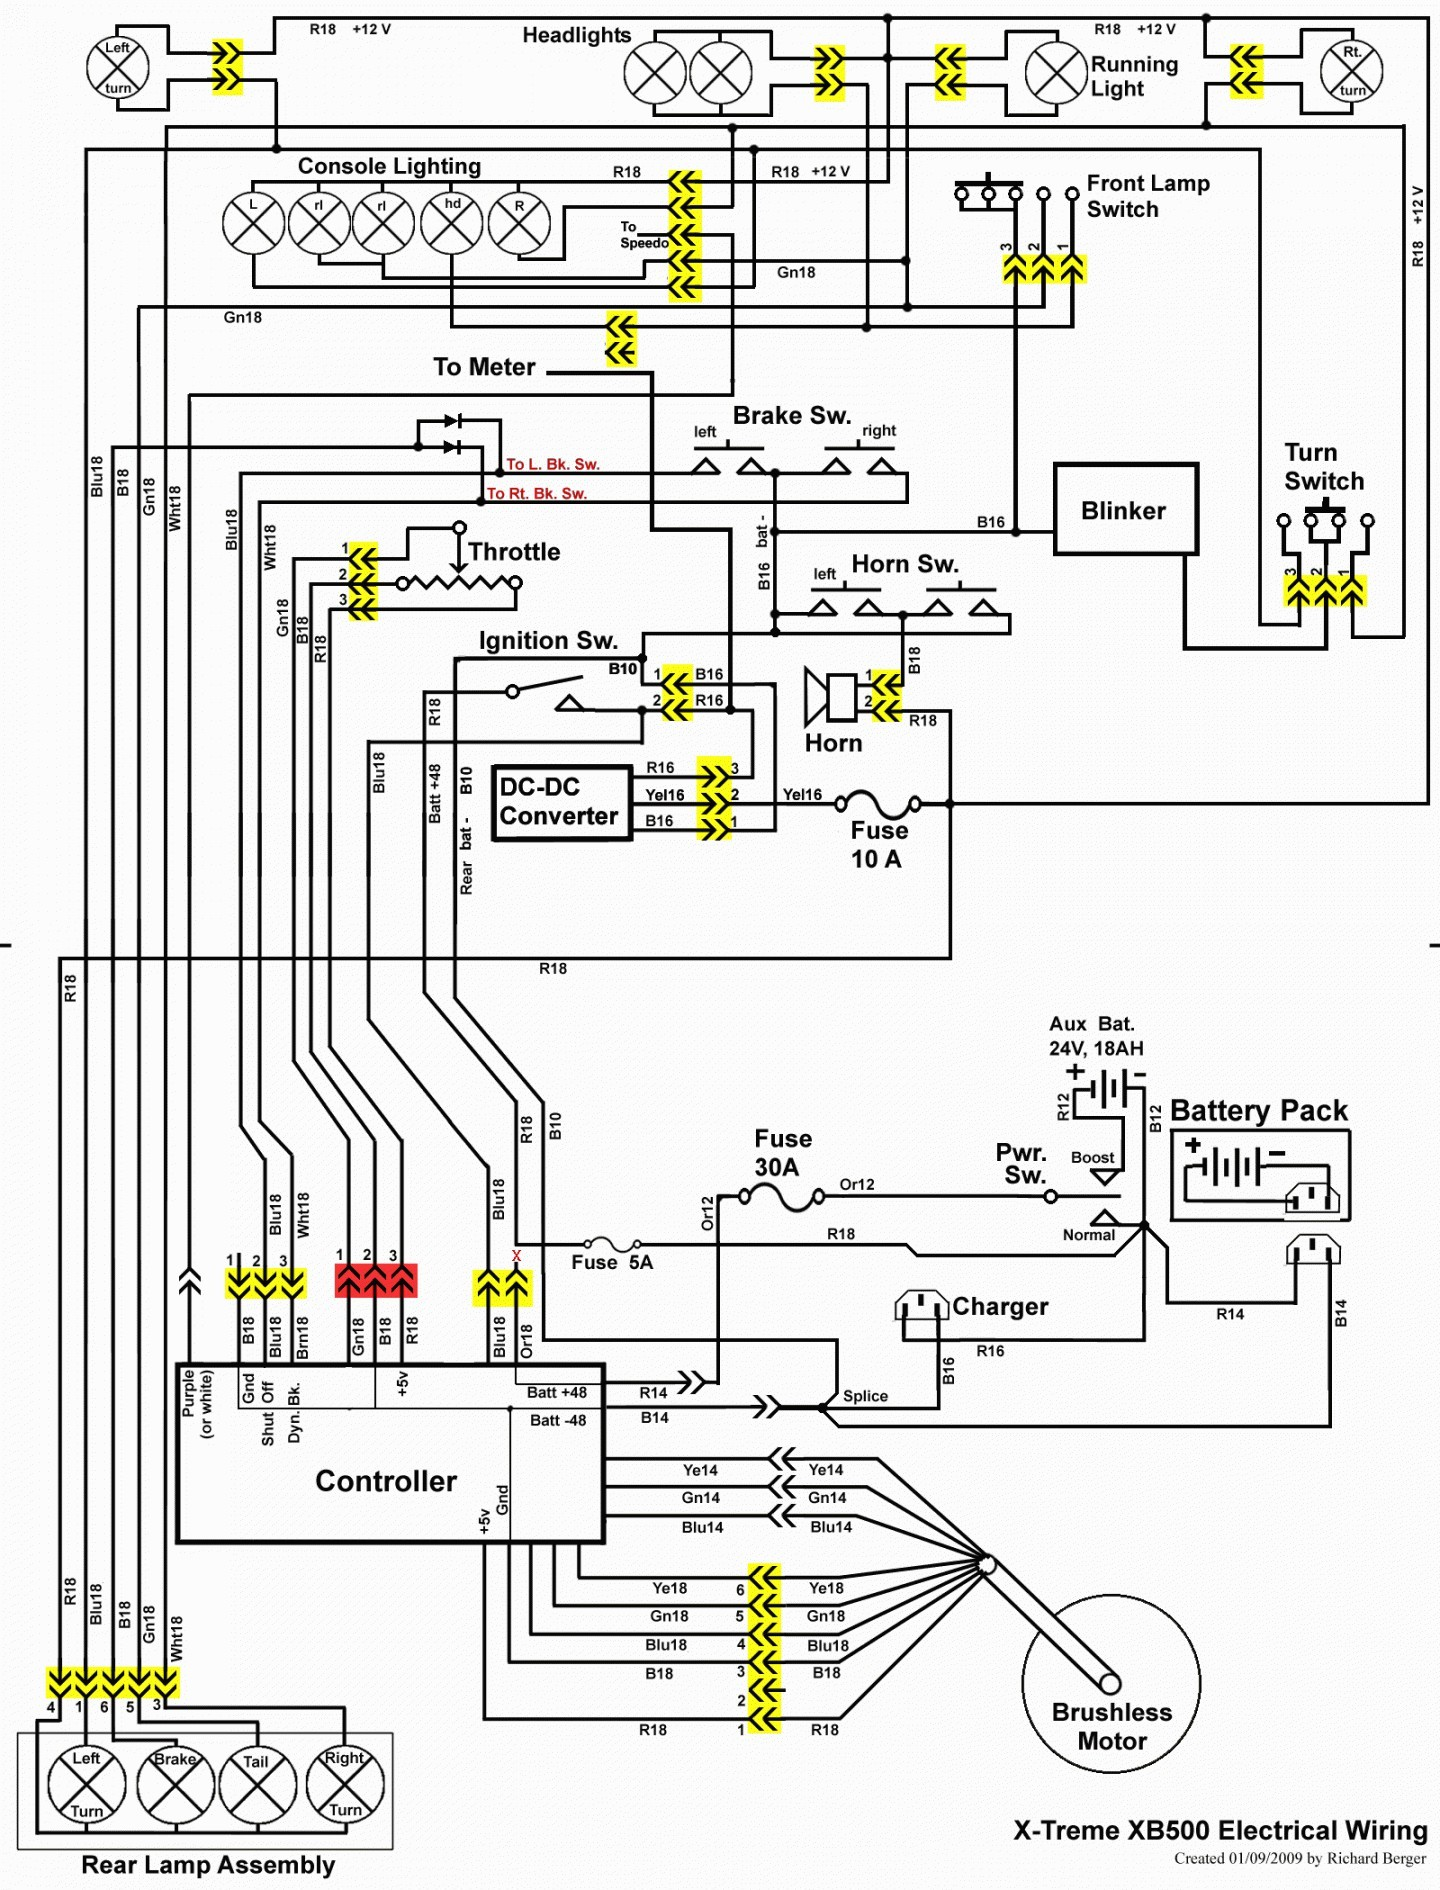 Taotao Wiring Diagram